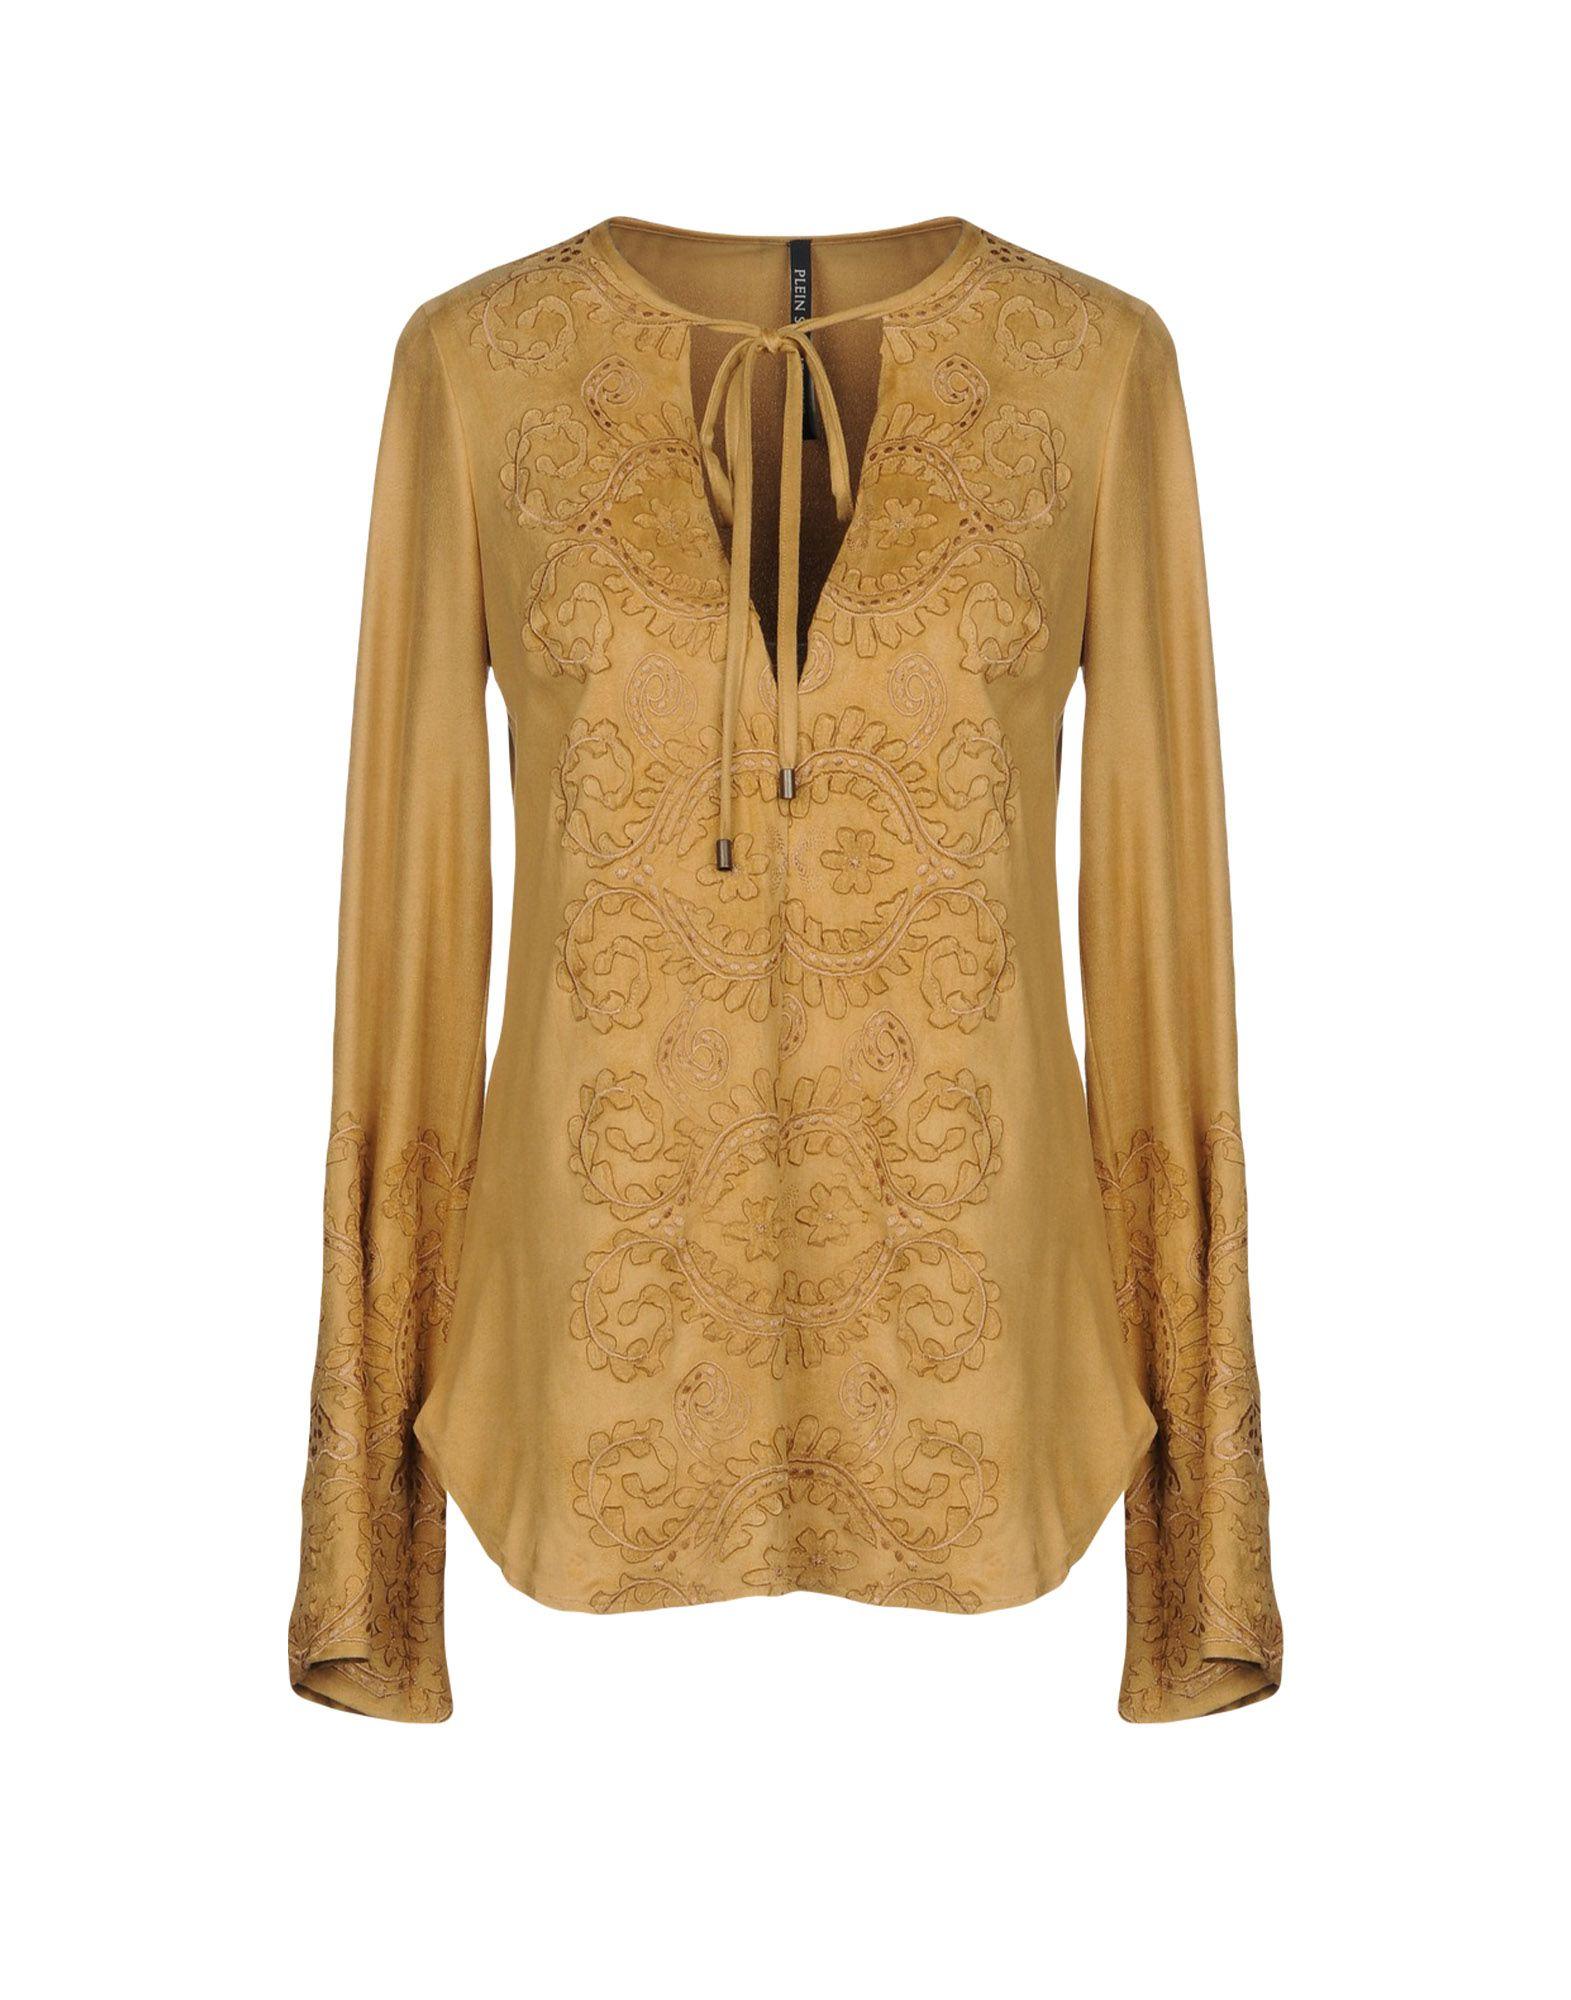 PLEIN SUD JEANIUS Damen Bluse Farbe Beige Größe 6